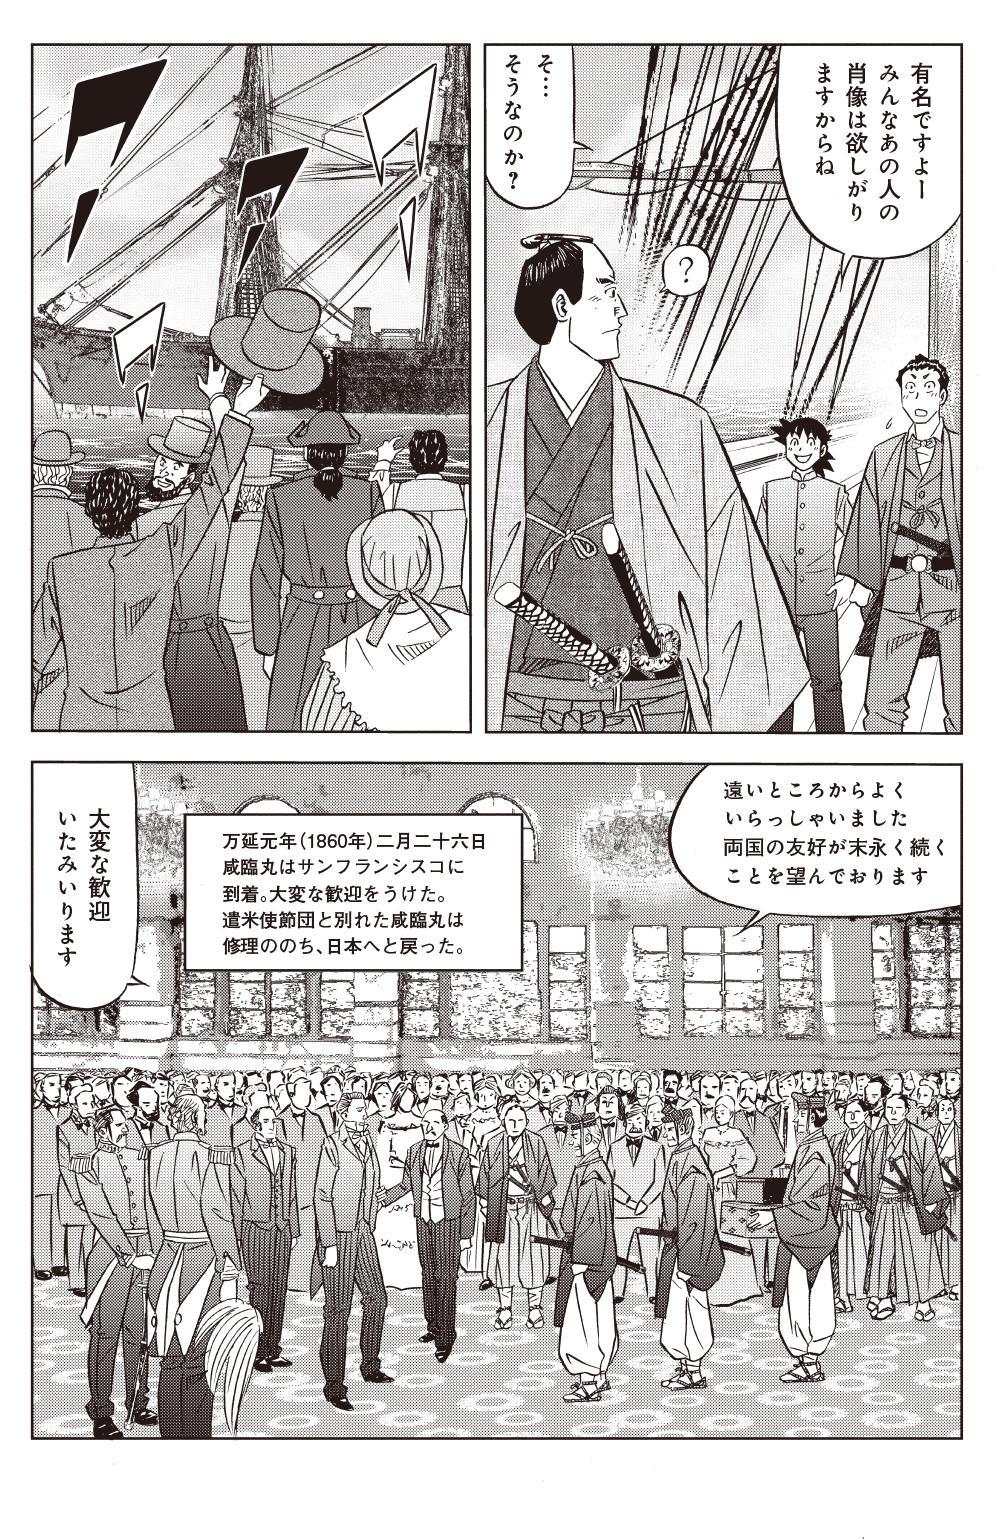 ミスター味っ子 幕末編 第3話「黄金大陸」①ajikko01-81.jpg